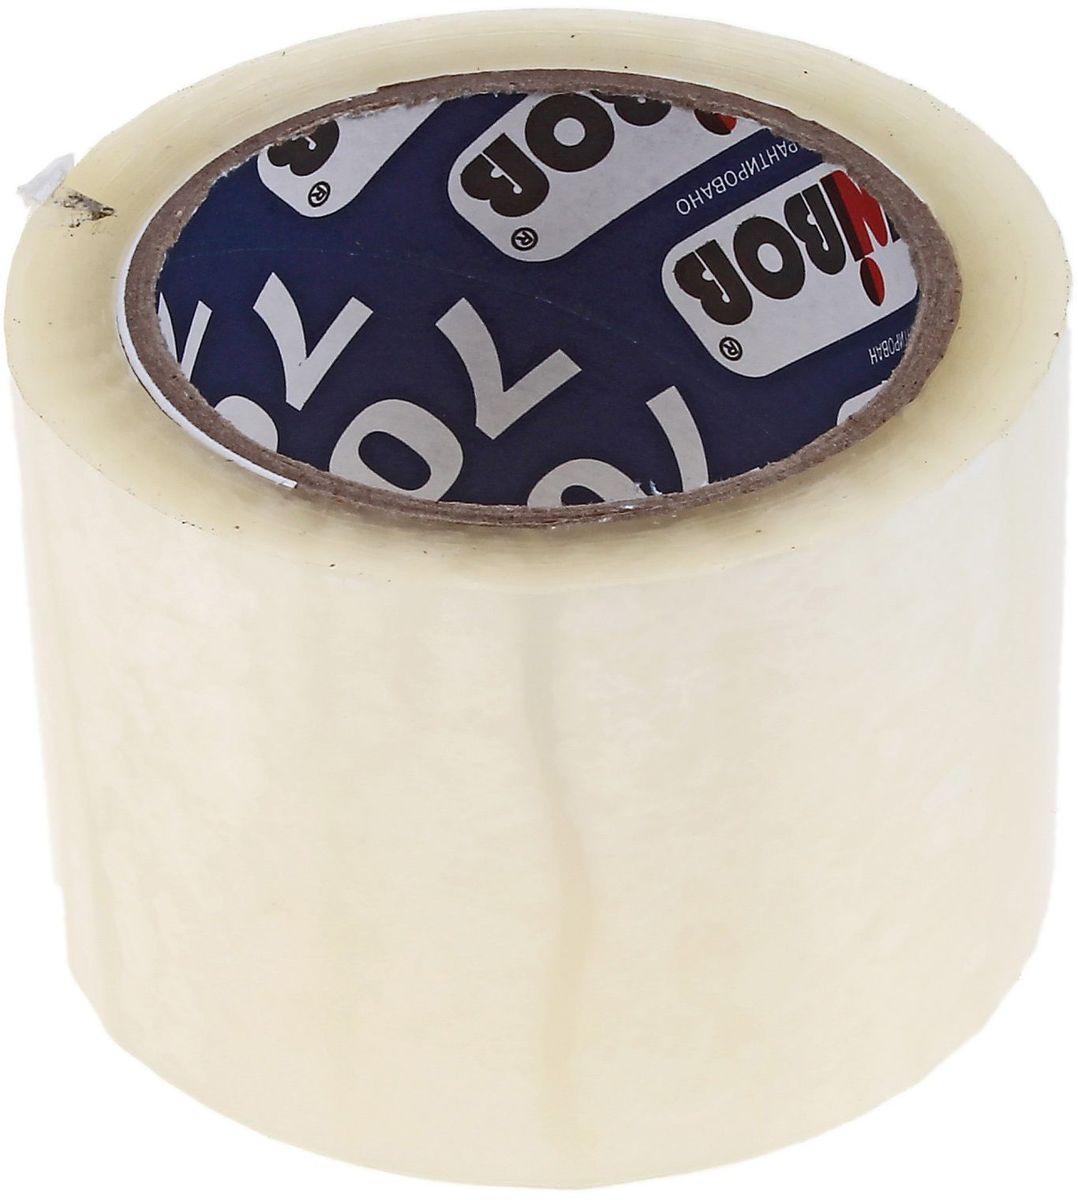 Unibob Клейкая лента 72 мм х 66 м цвет прозрачный 691941691941Клейкая лента Unibob на полипропиленовой основе - это водонепроницаемое изделие, которое способно противостоять широкому диапазону температур. Применяется в быту для упаковки легких и тяжелых коробок, изготовленных из гофрокартона, строительных смесей, масложировой продукции и мороженого, канцелярских товаров, промышленных товаров.Клейкая лента поможет скрепить предметы в любой ситуации, например, если вы делаете ремонт или меняете место жительства и пакуете коробки.